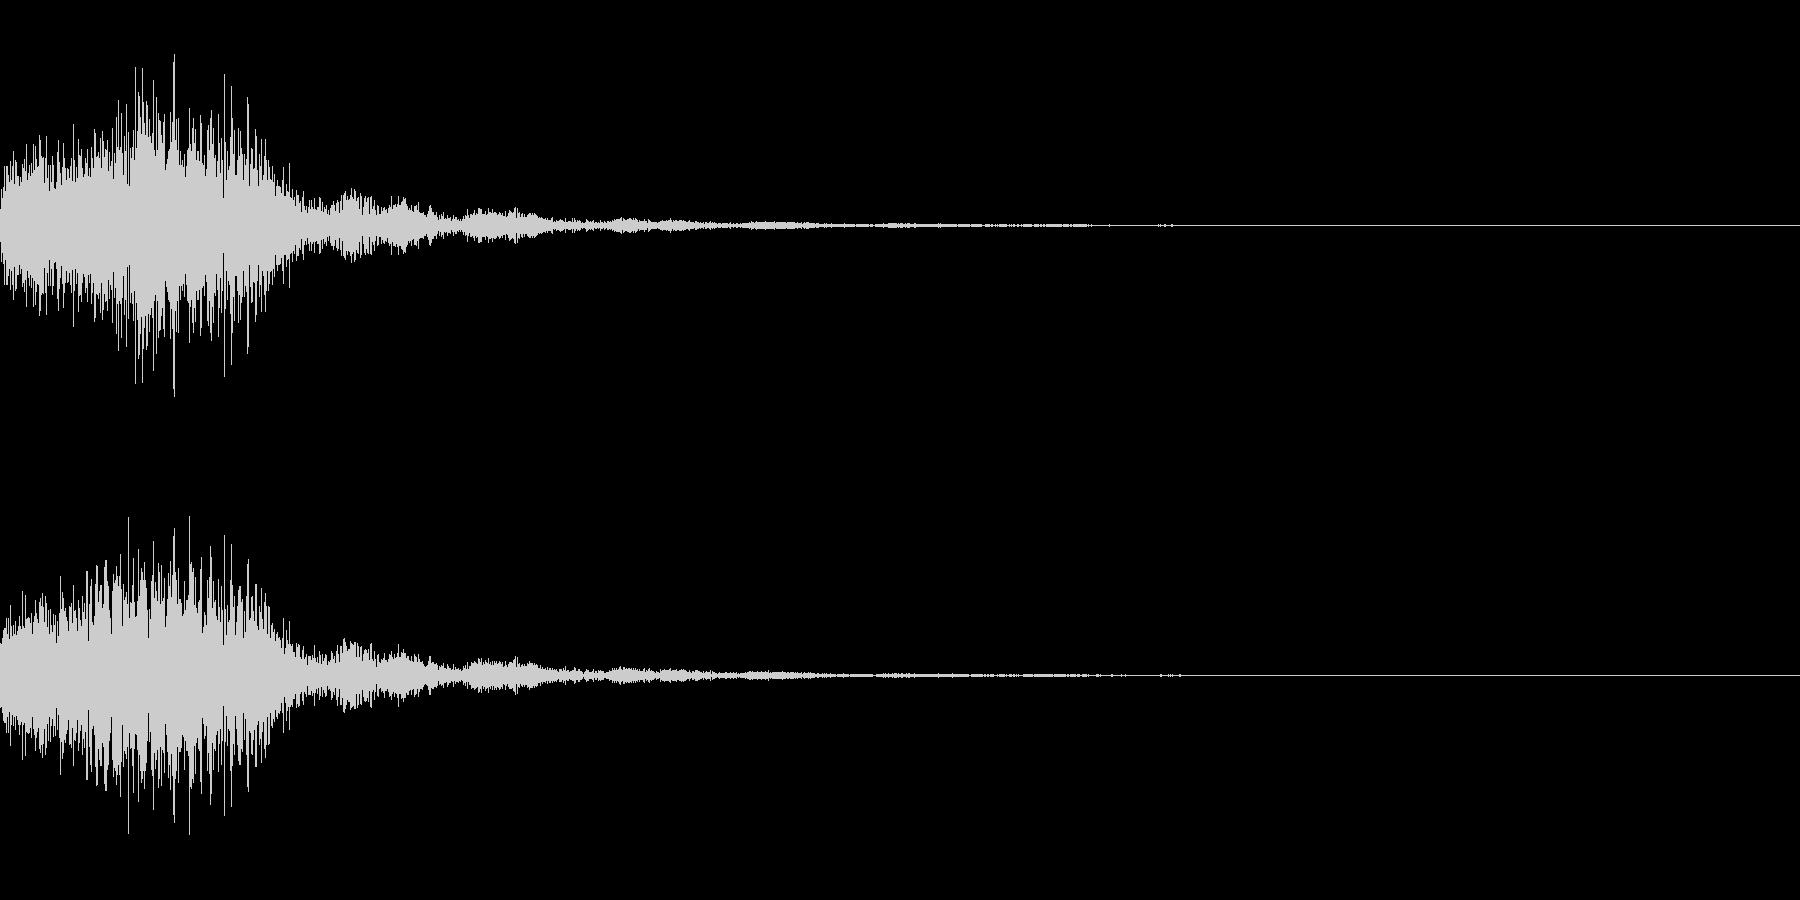 混乱系・アラート音/トゥルルルx1の未再生の波形